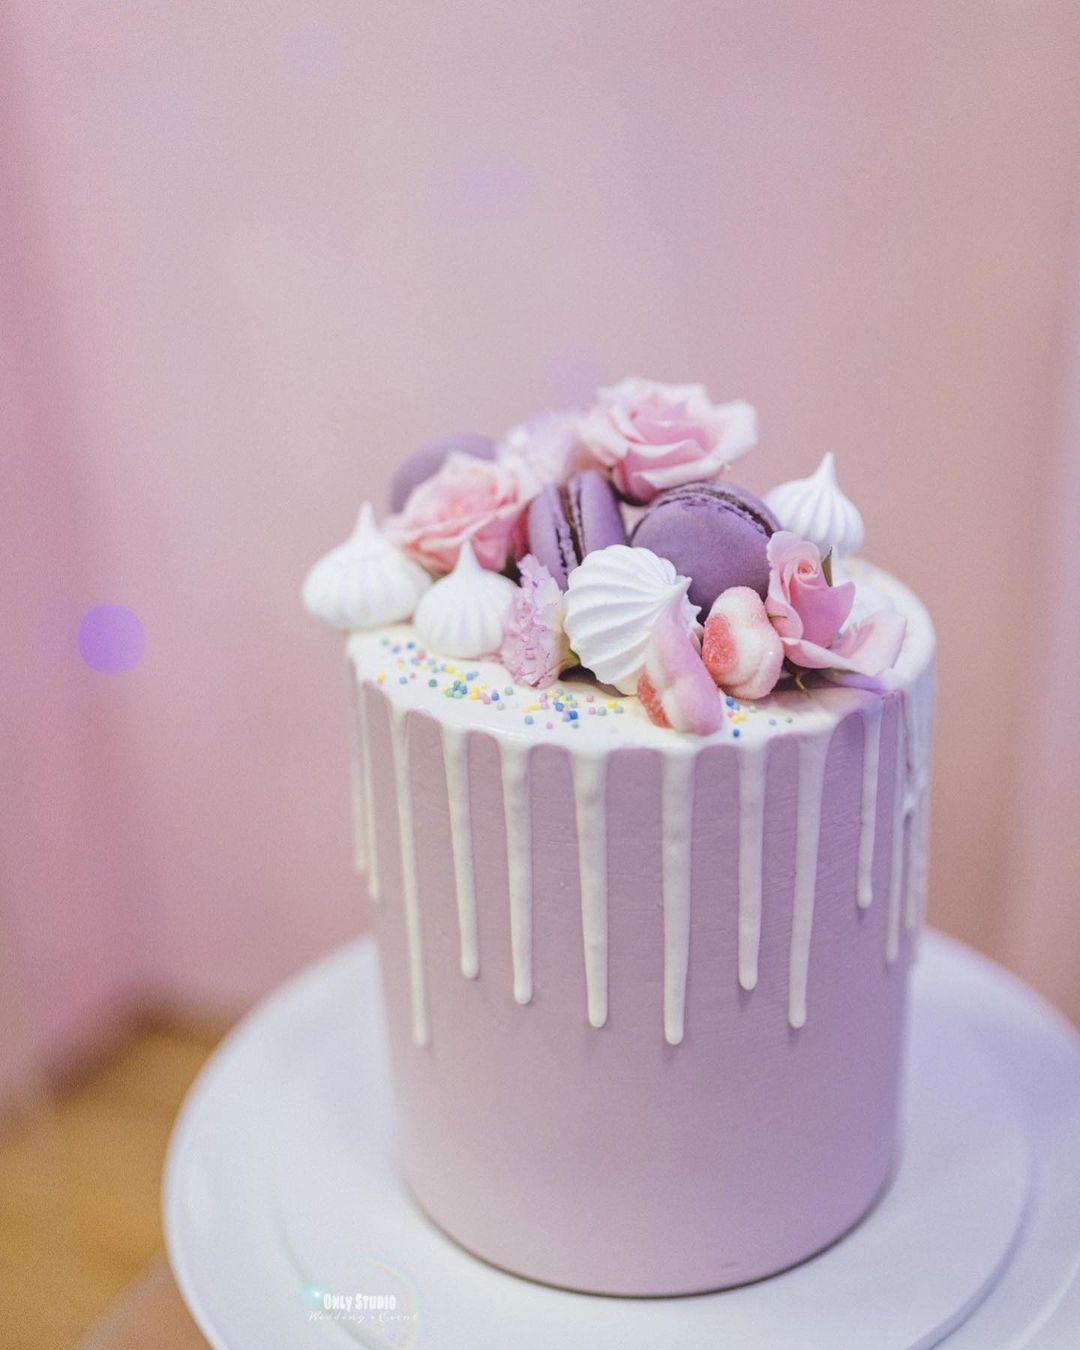 onlystudio wedding event 197253954 172759391466779 5792583016515450886 n